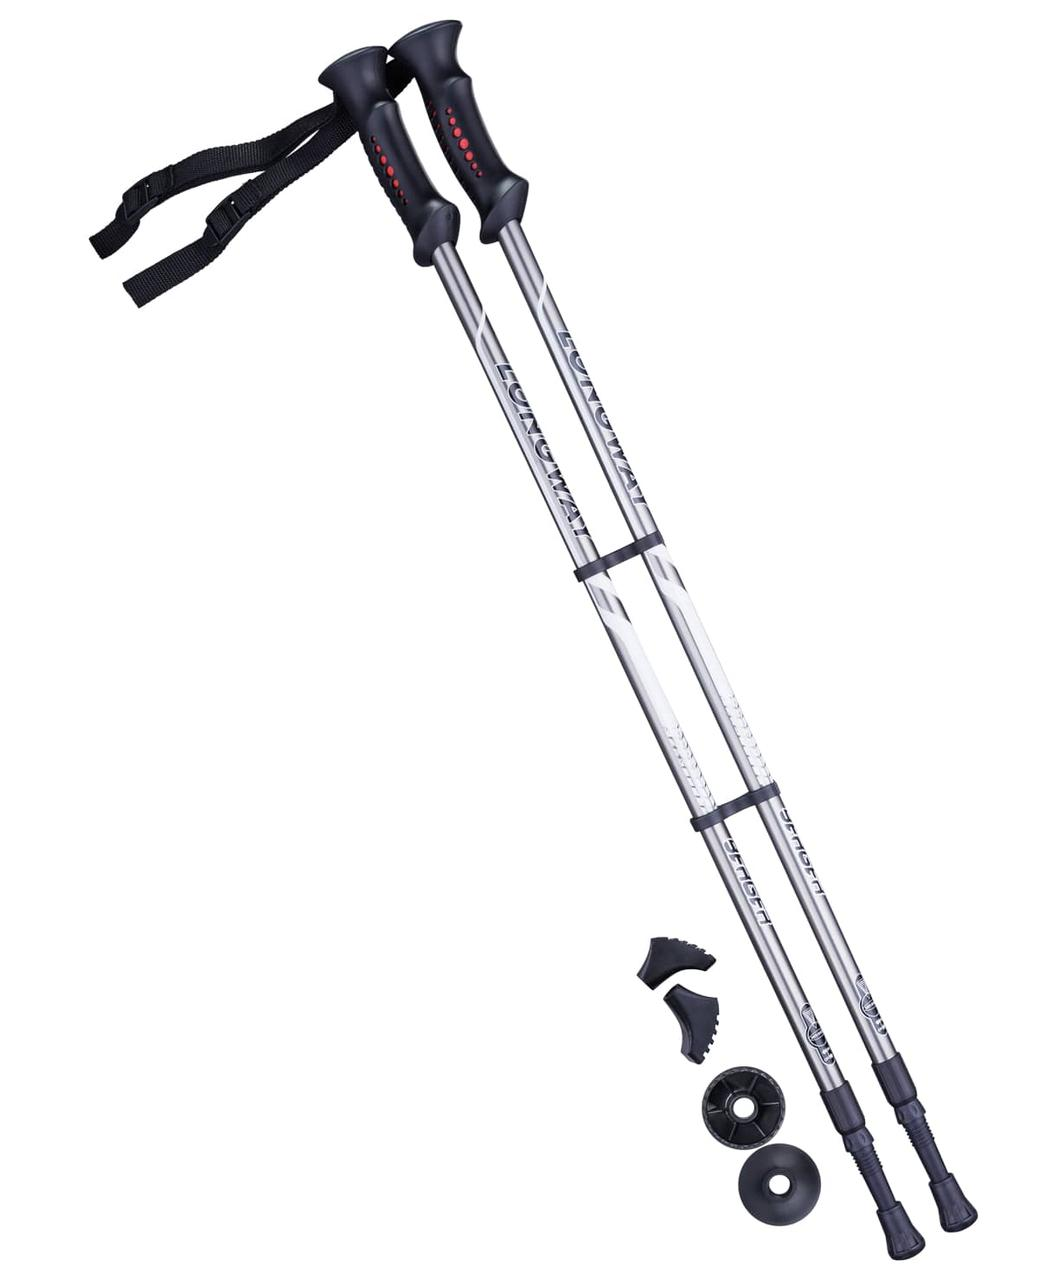 Палки для скандинавской ходьбы Longway, 77-135 см, 2-секционные Серый/черный